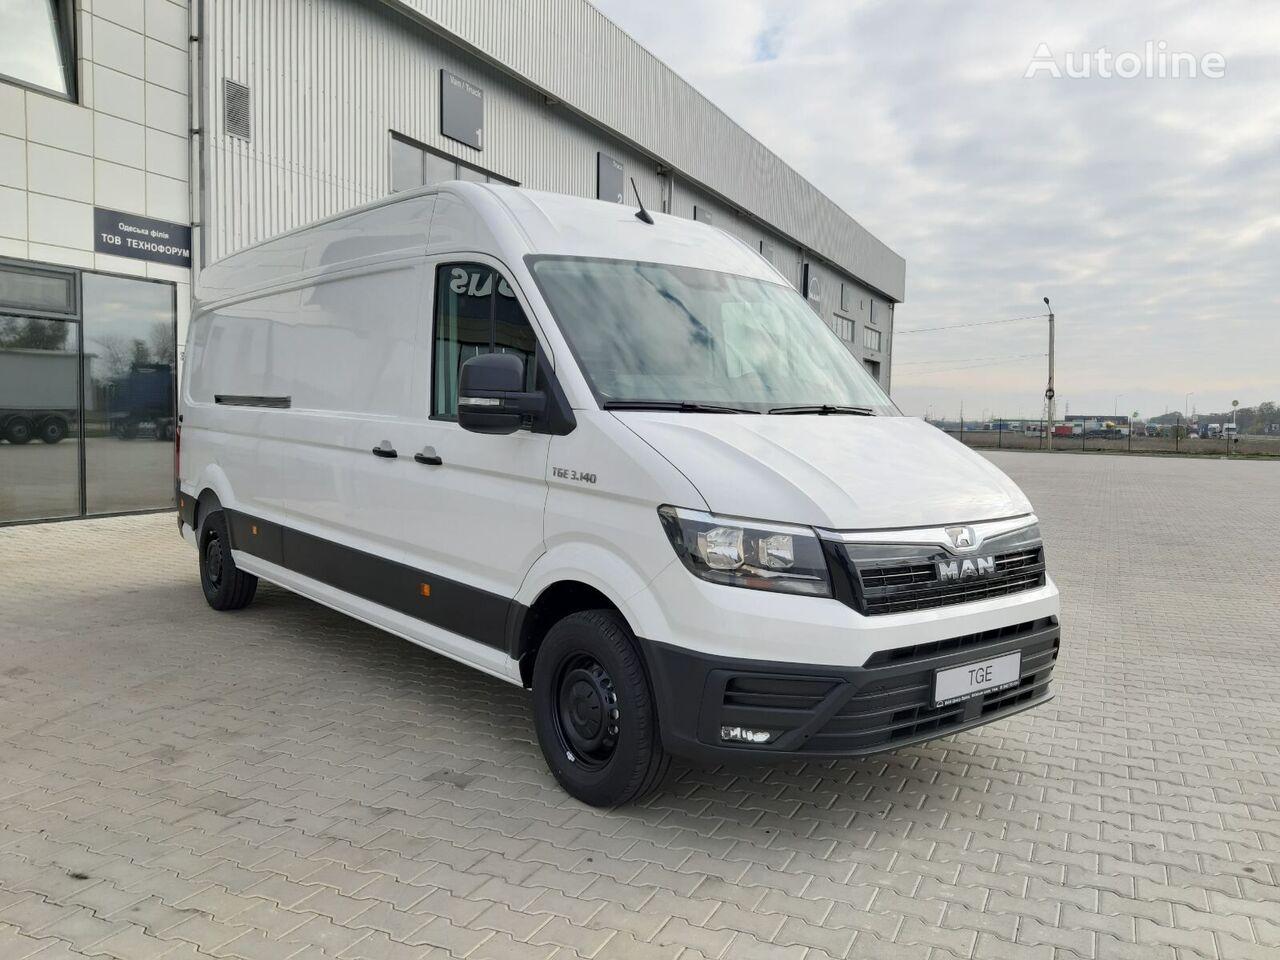 new MAN TGE 3.140 closed box van